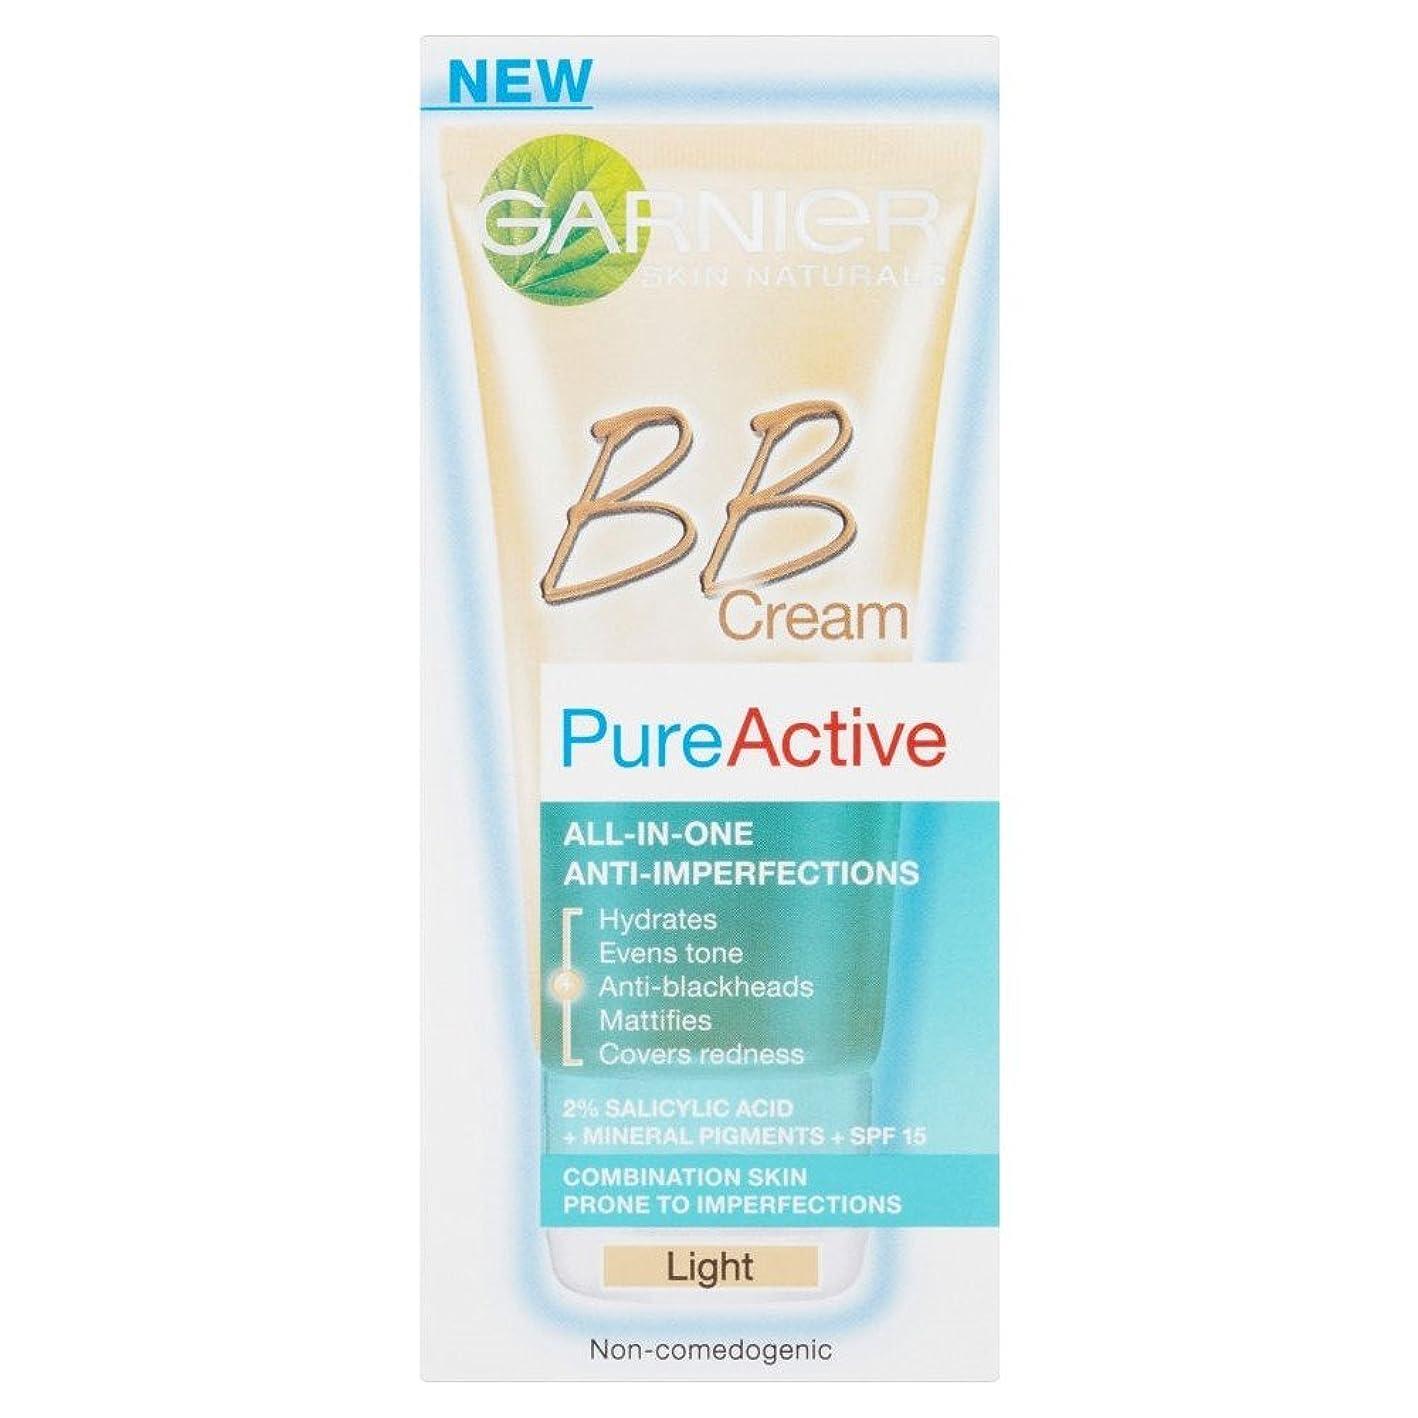 気づくペネロペ感染するGarnier Pure Active BB Cream - Light (50ml) ガルニエ純粋な活性bbクリーム - 光( 50ミリリットル) [並行輸入品]